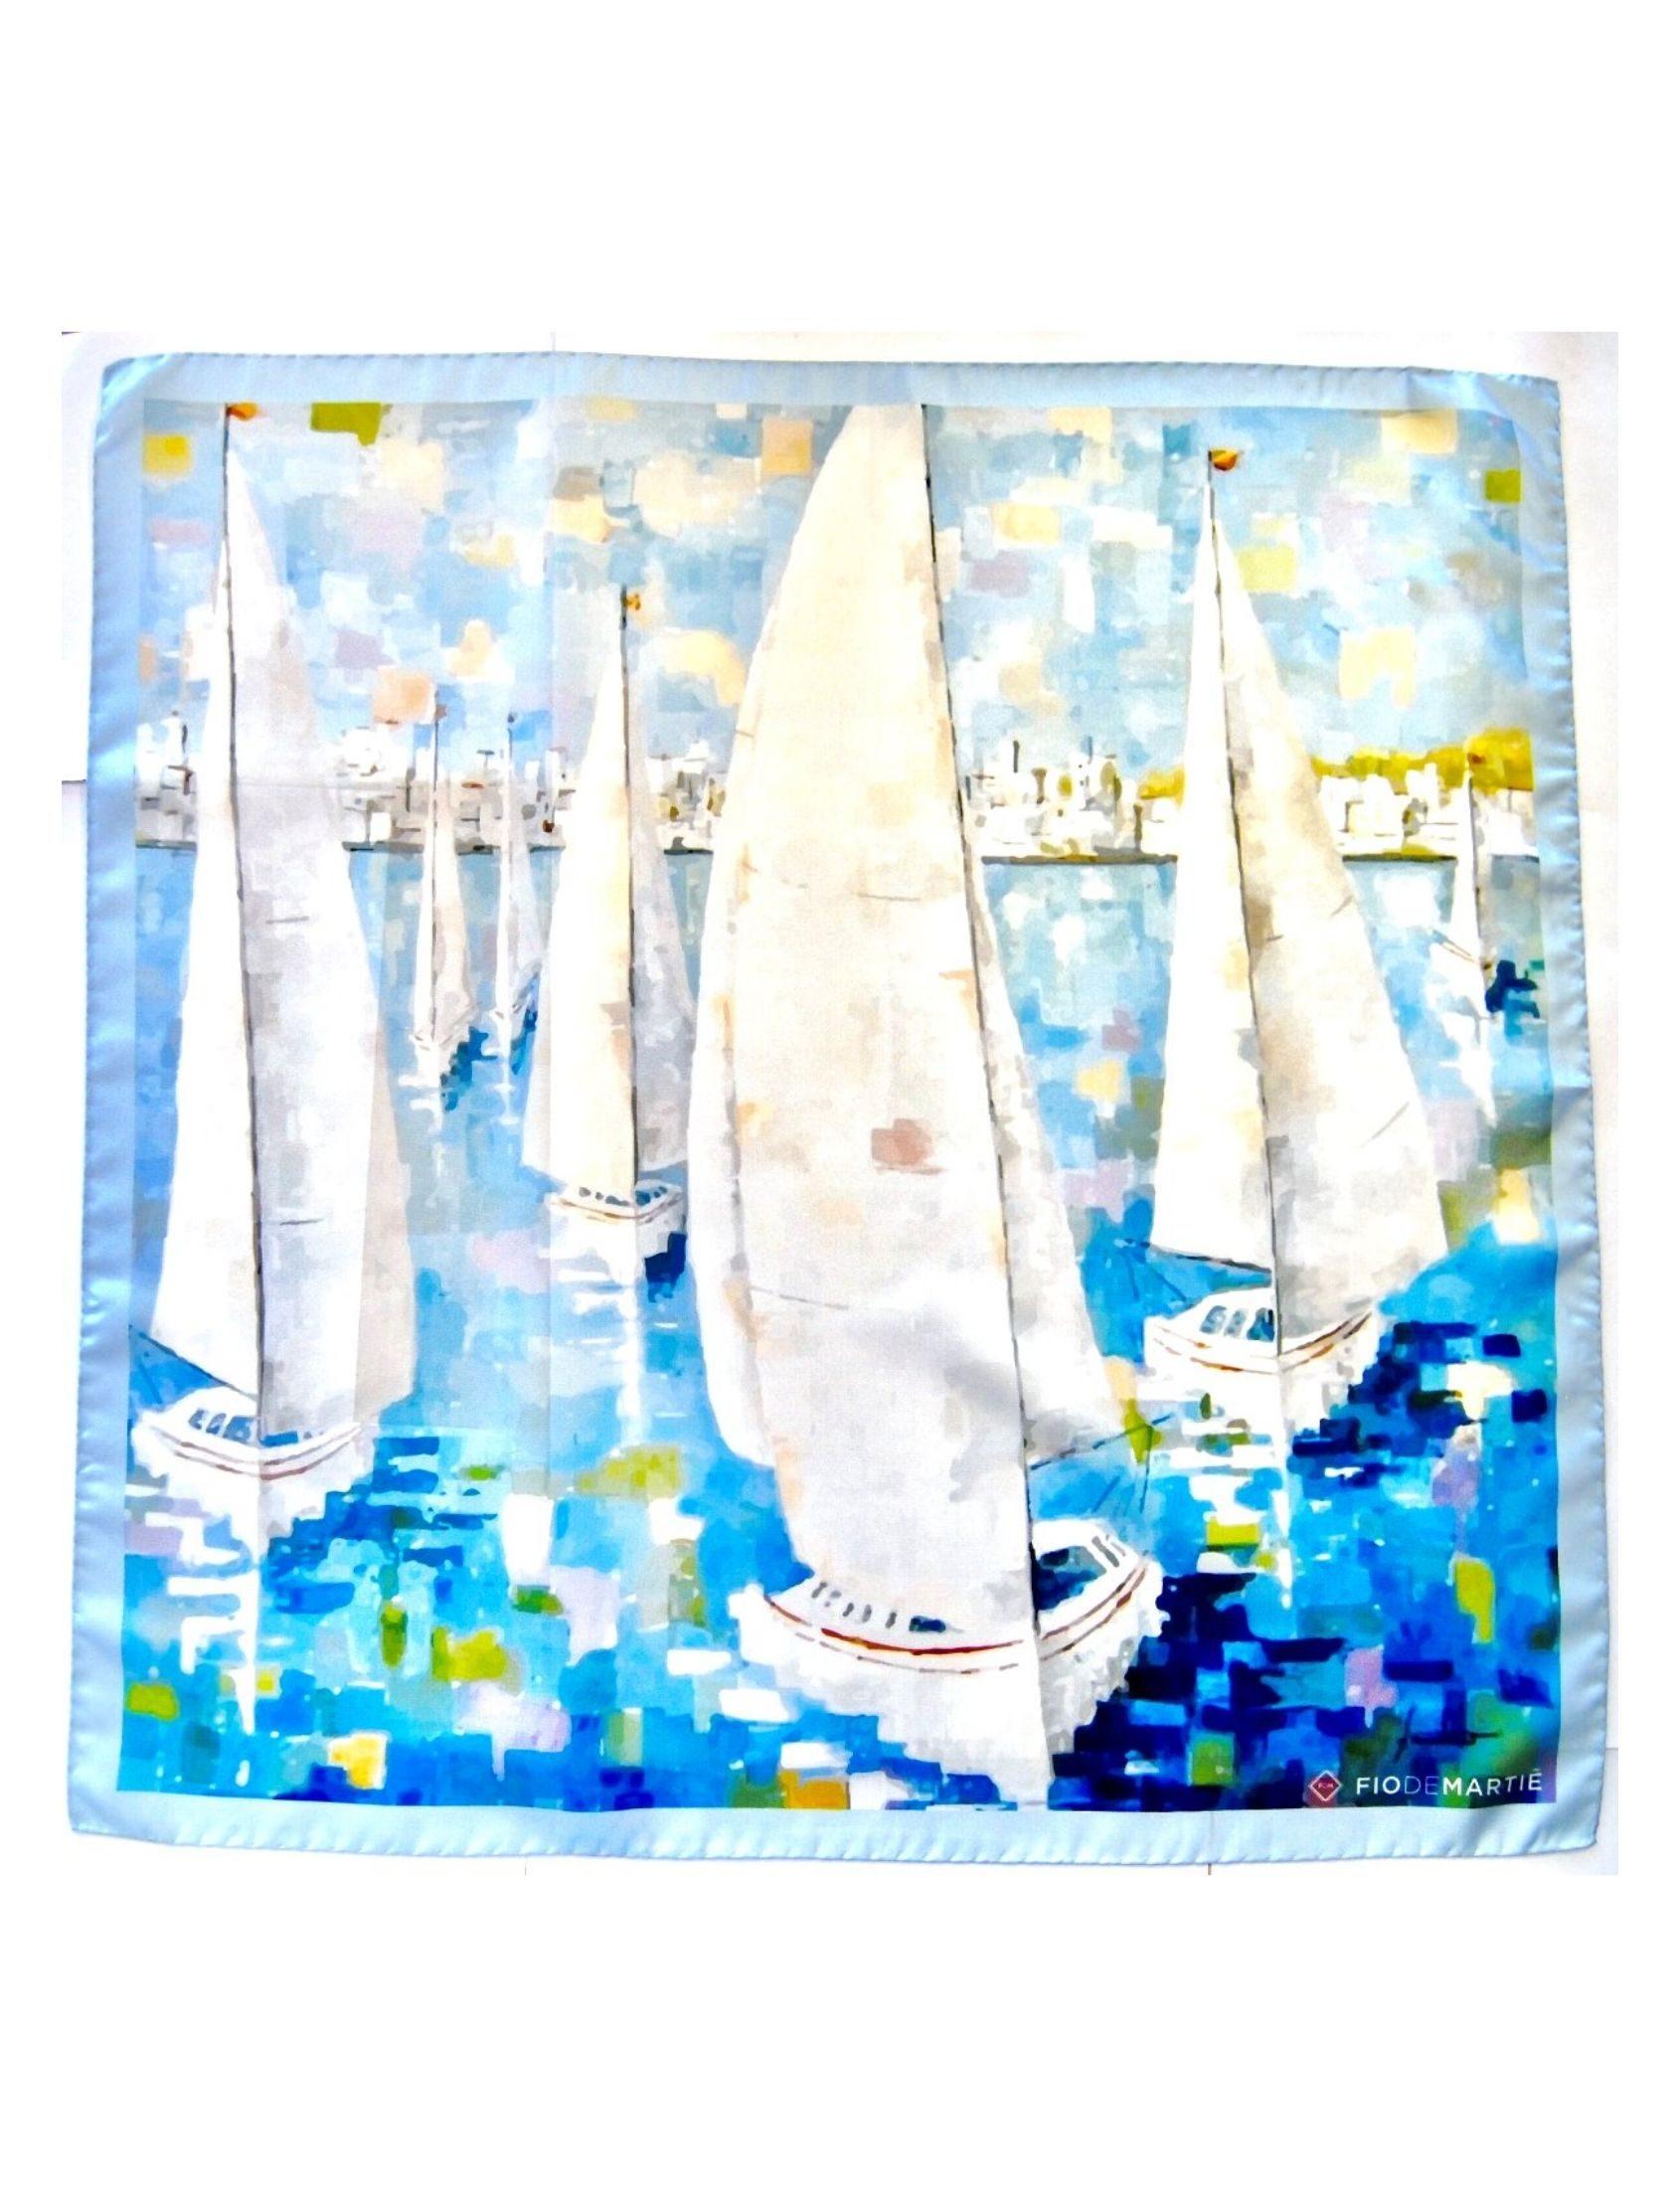 Pañuelo de seda con estampado de veleros diseño de la pintora pilar fandiño